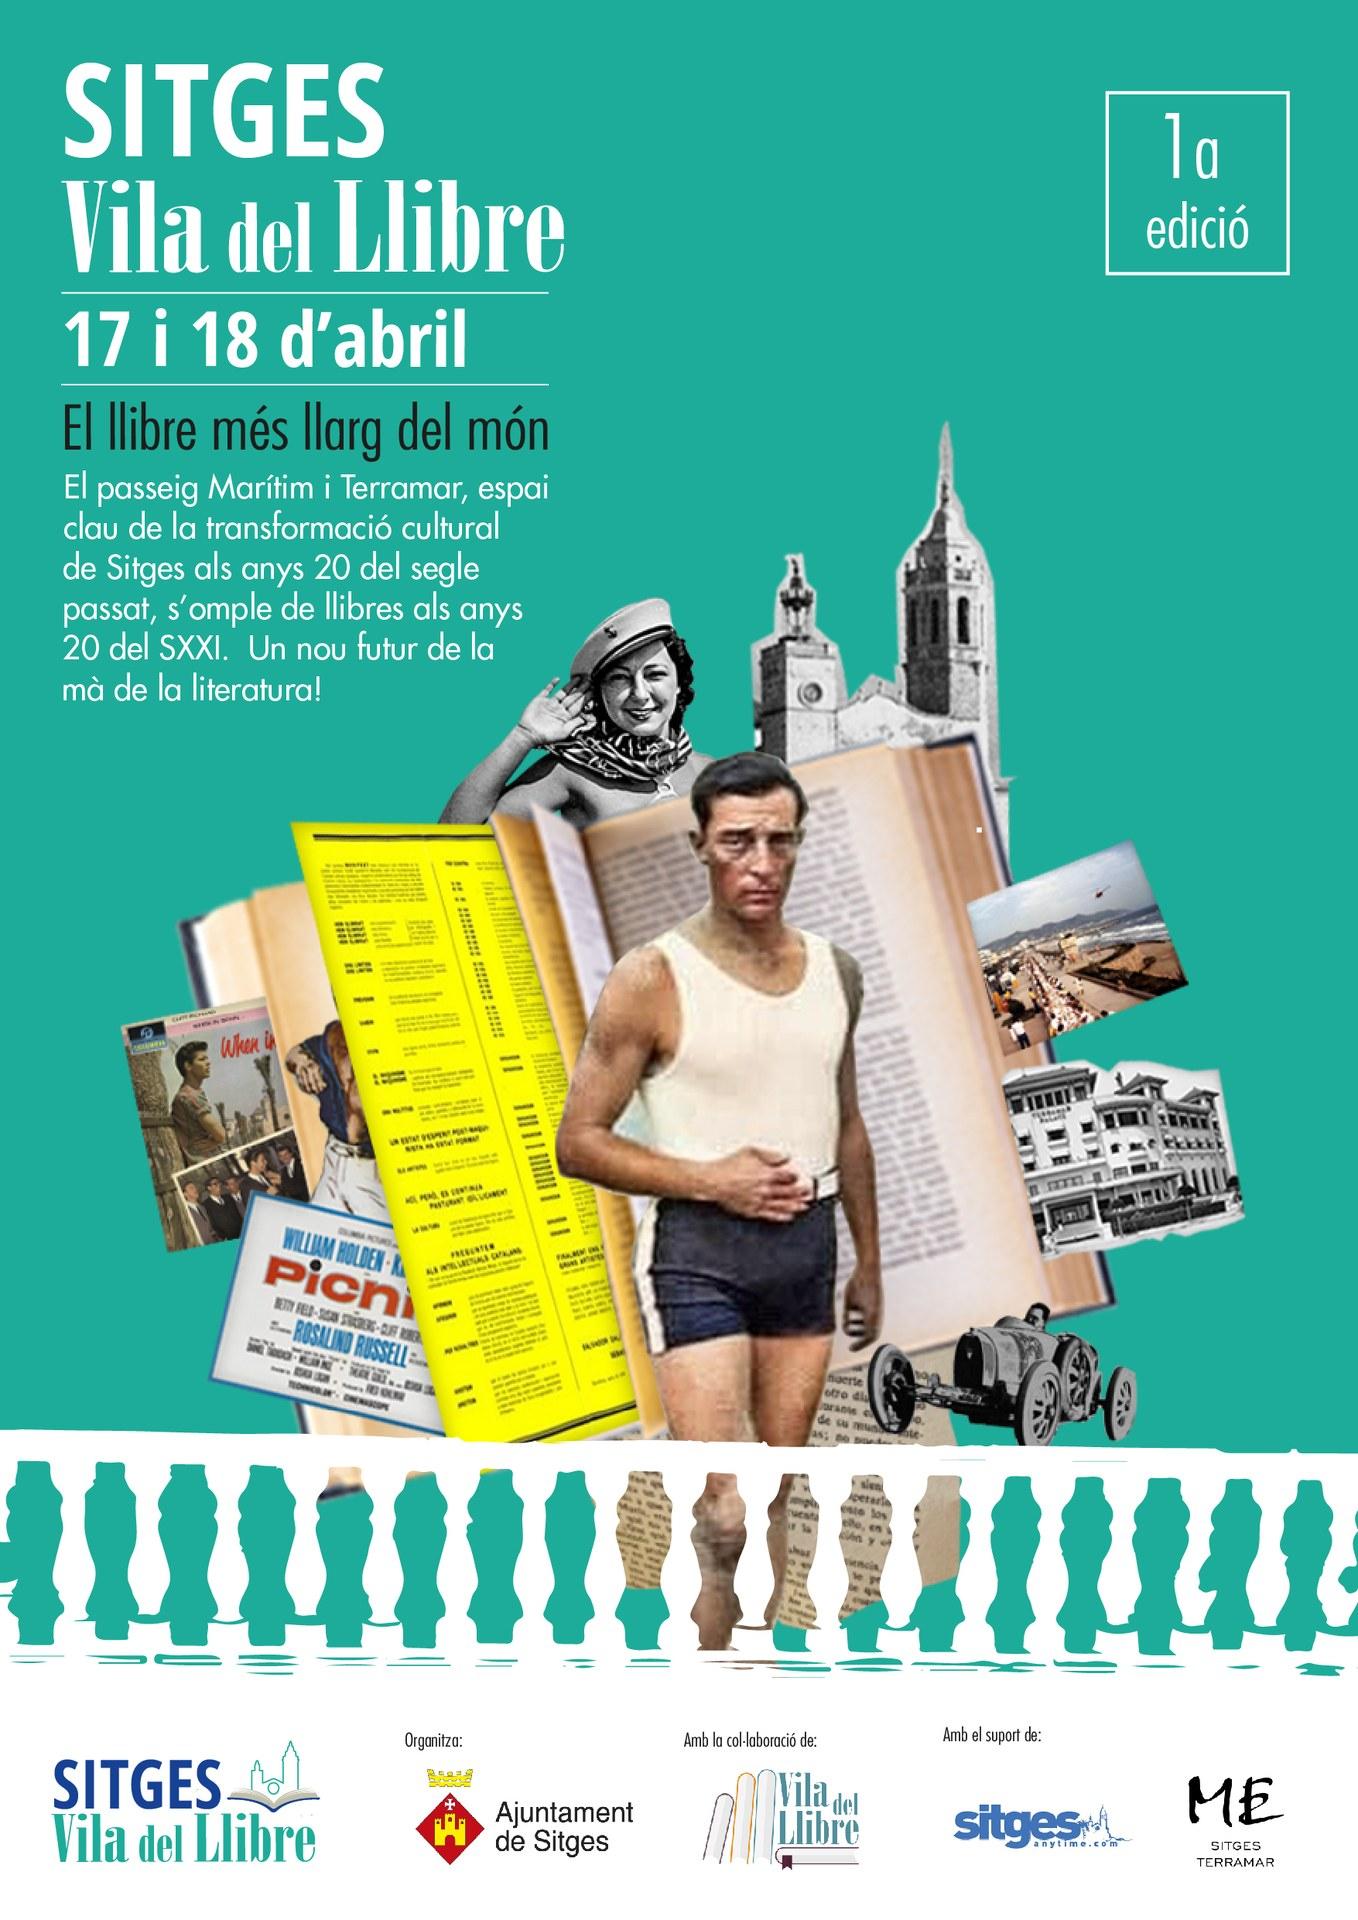 Cicle Sitges - Acte d'inauguració del festival literari Sitges, Vila del Llibre  i Taula Rodona 'Sitges Atrevit. Del Manifest Groc a La Cubana'